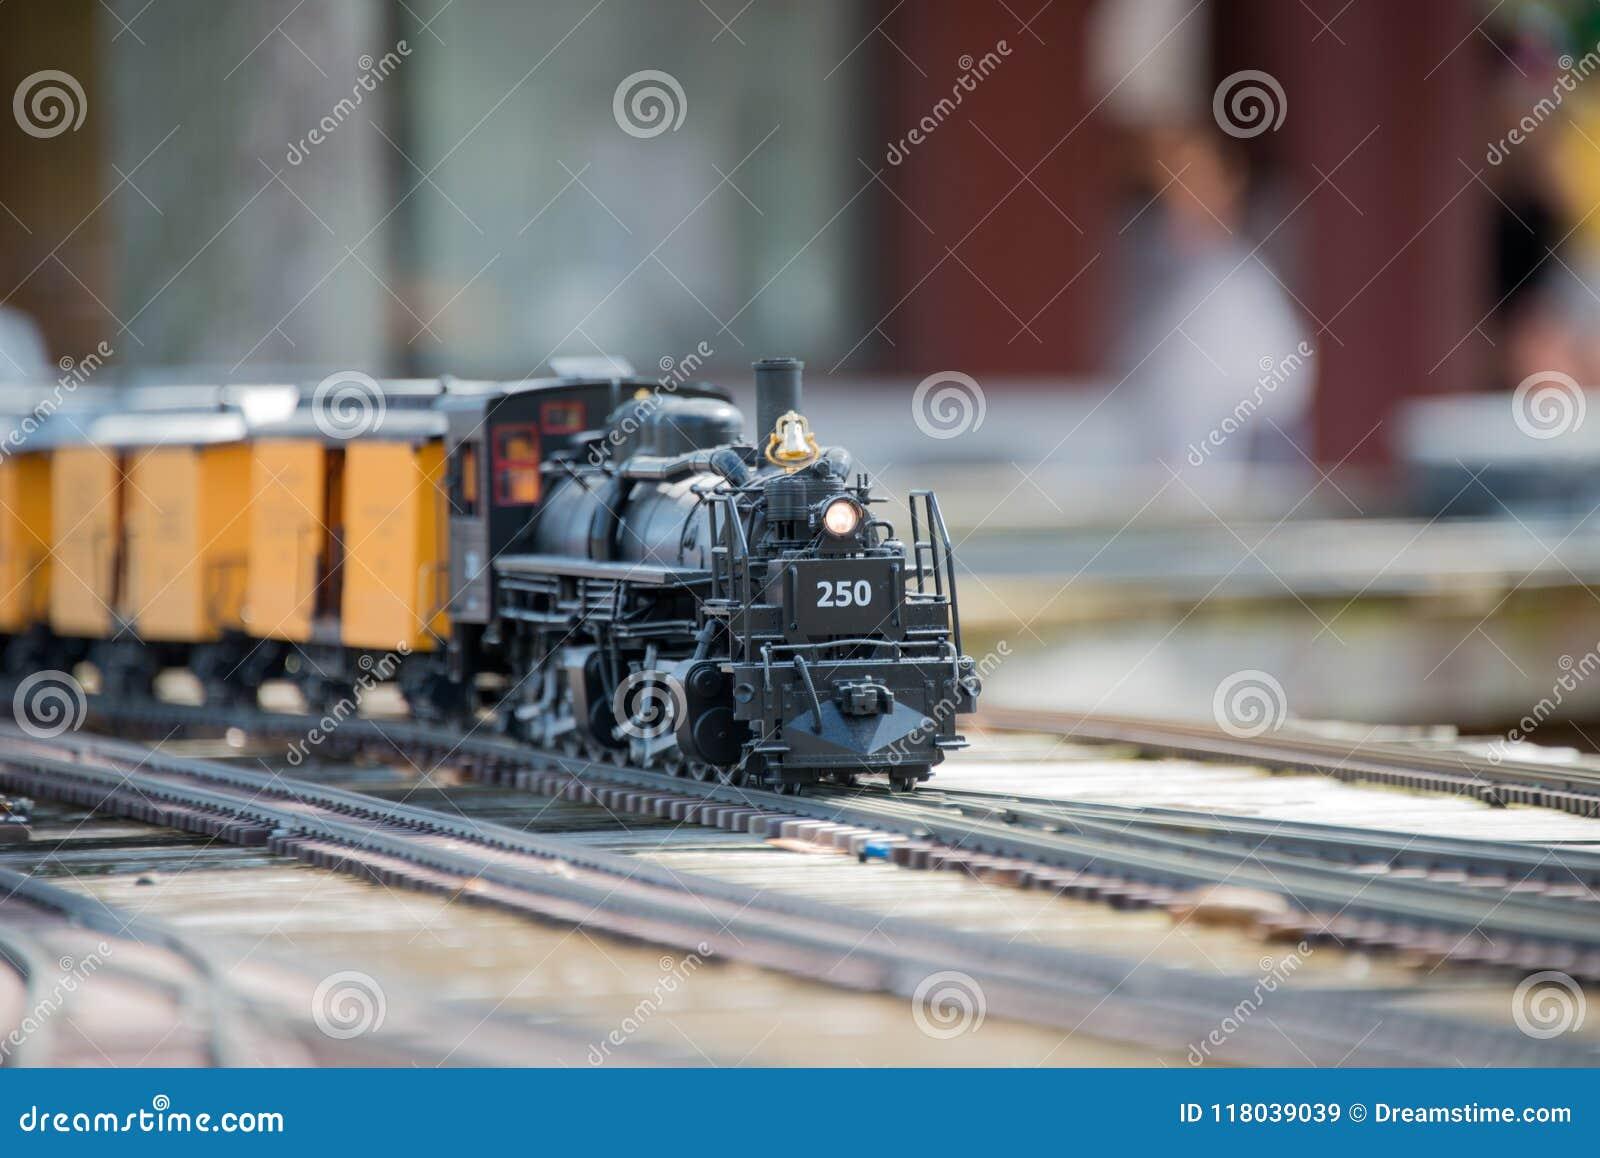 在轨道和模型铁路展览的玩具火车